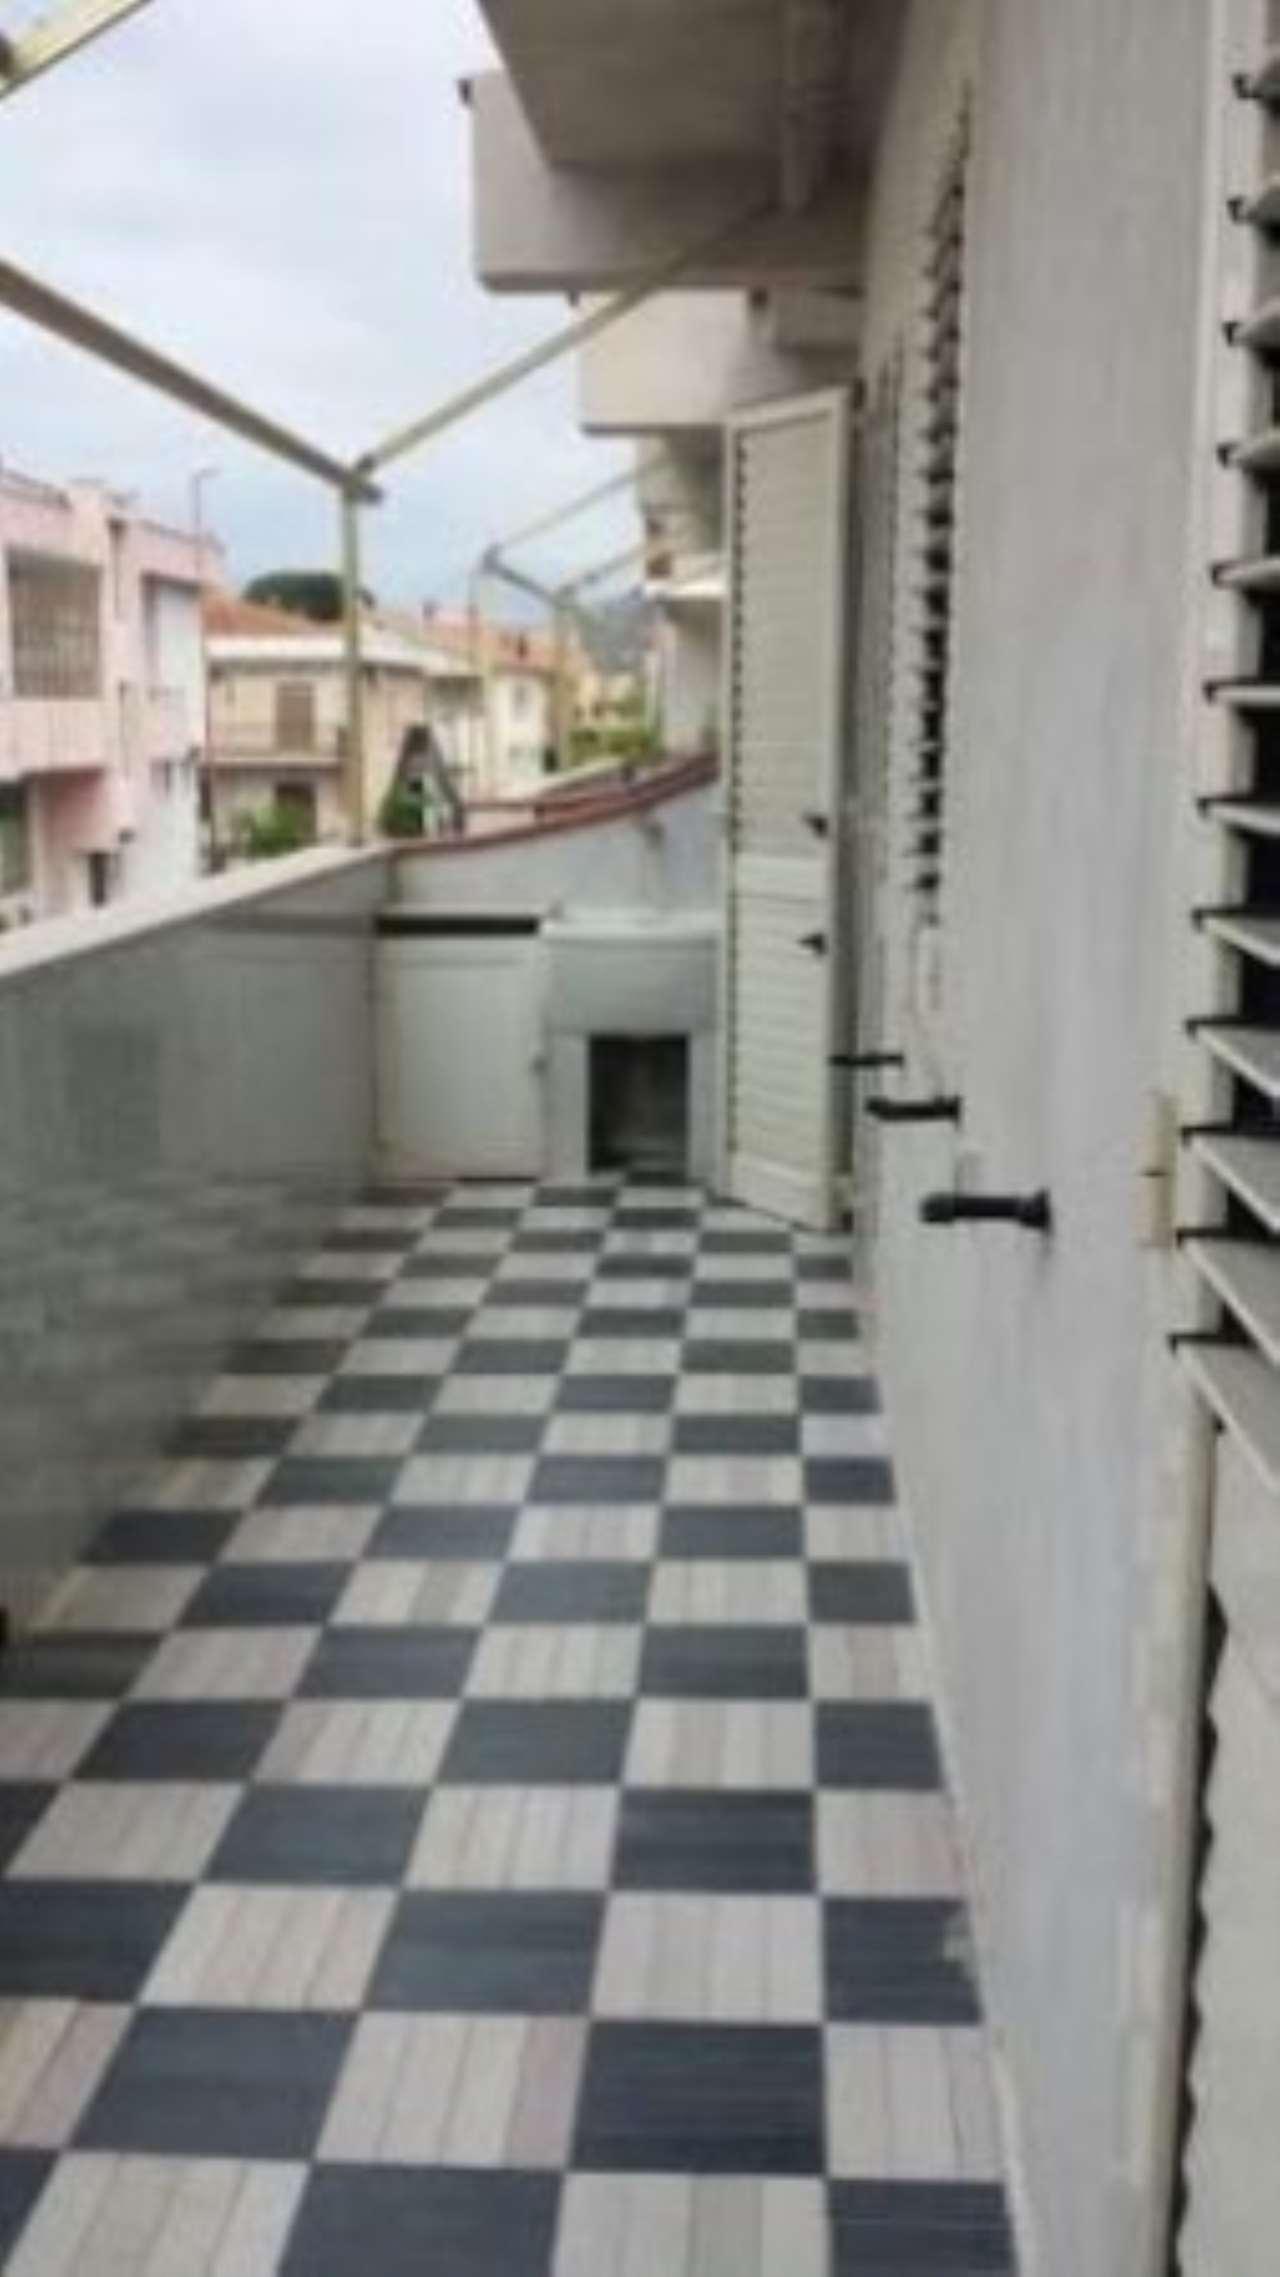 Appartamento in vendita a Tortora, 2 locali, prezzo € 70.000 | CambioCasa.it